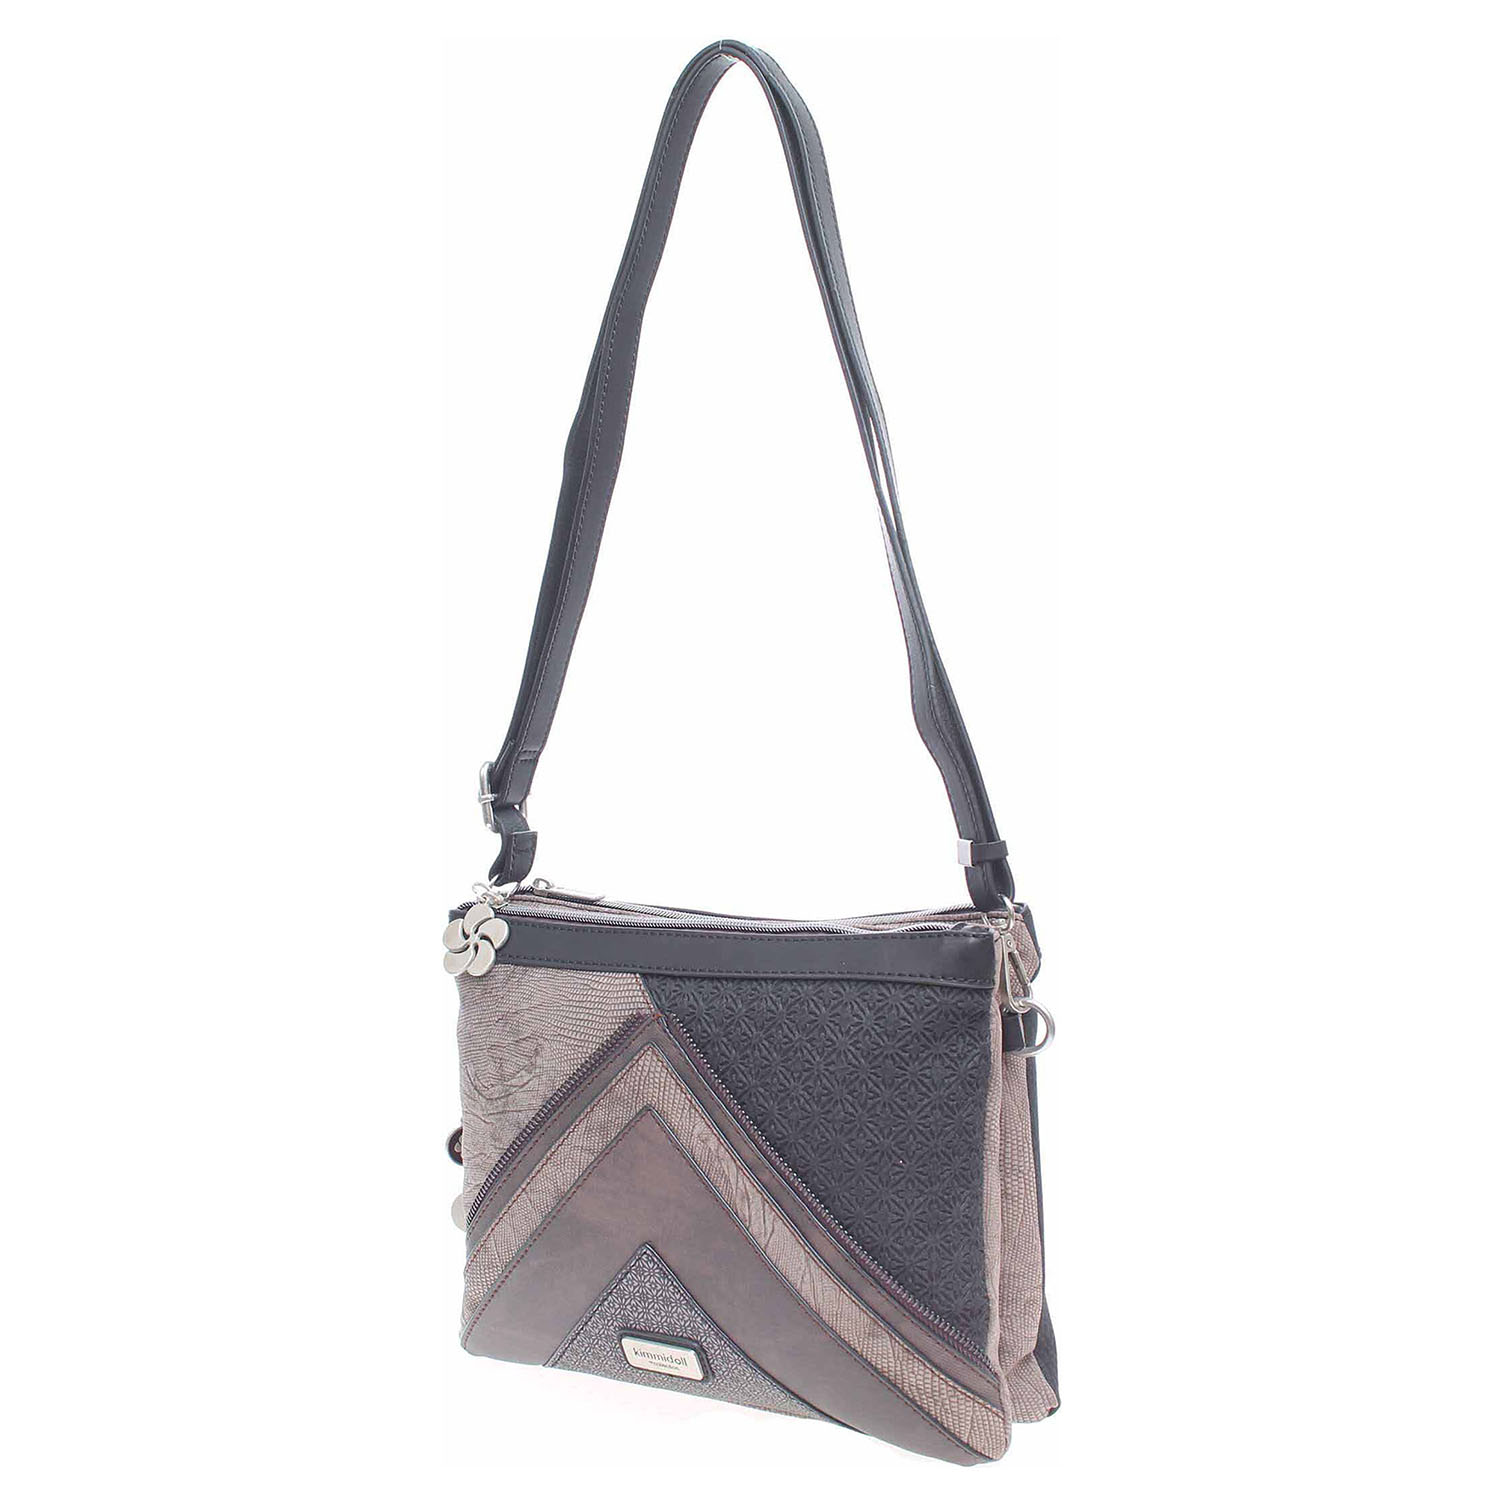 Ecco Kimmidoll dámská kabelka 25662-1 marron 11891318